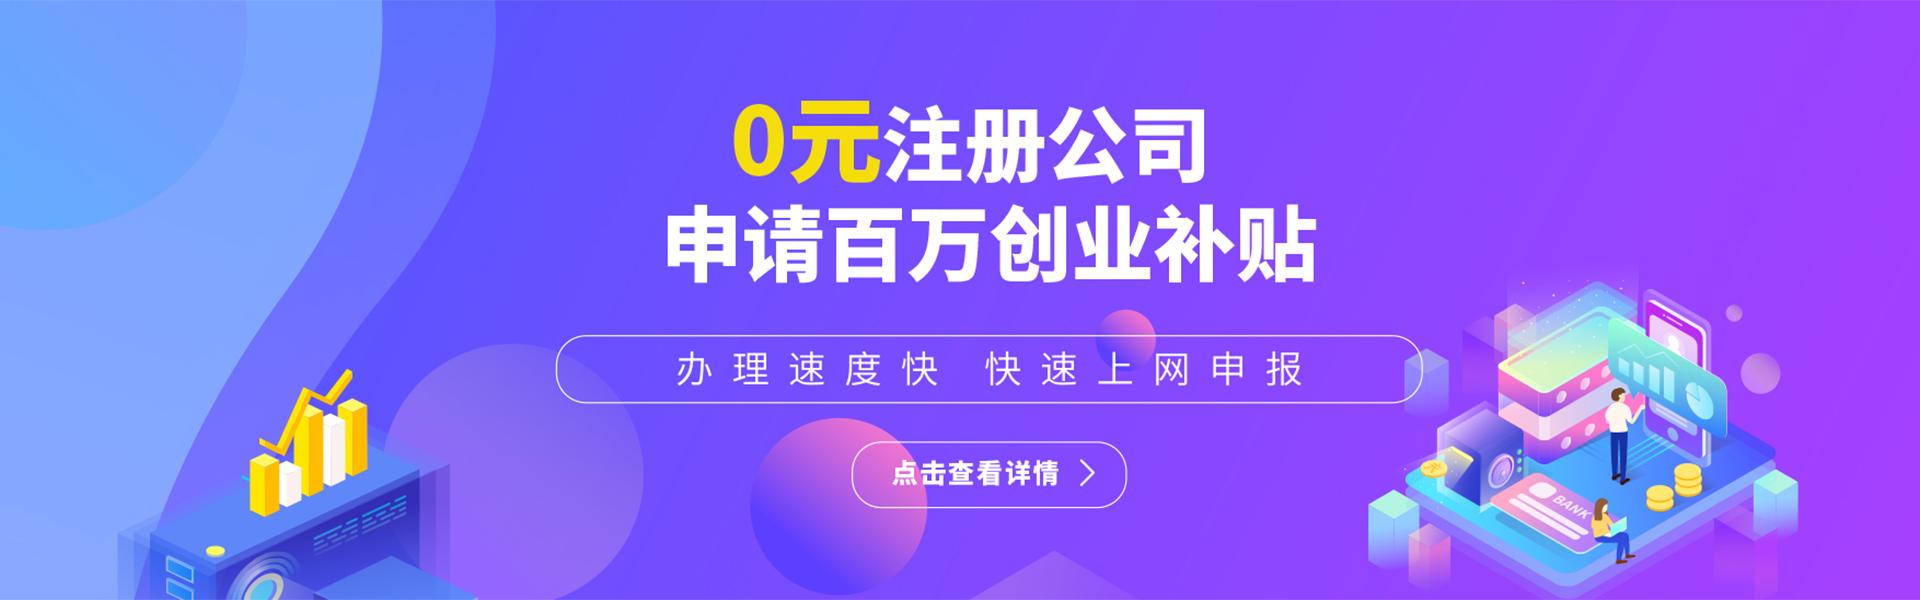 深圳分公司注册_代办分公司_如何怎么注册分公司-万事惠